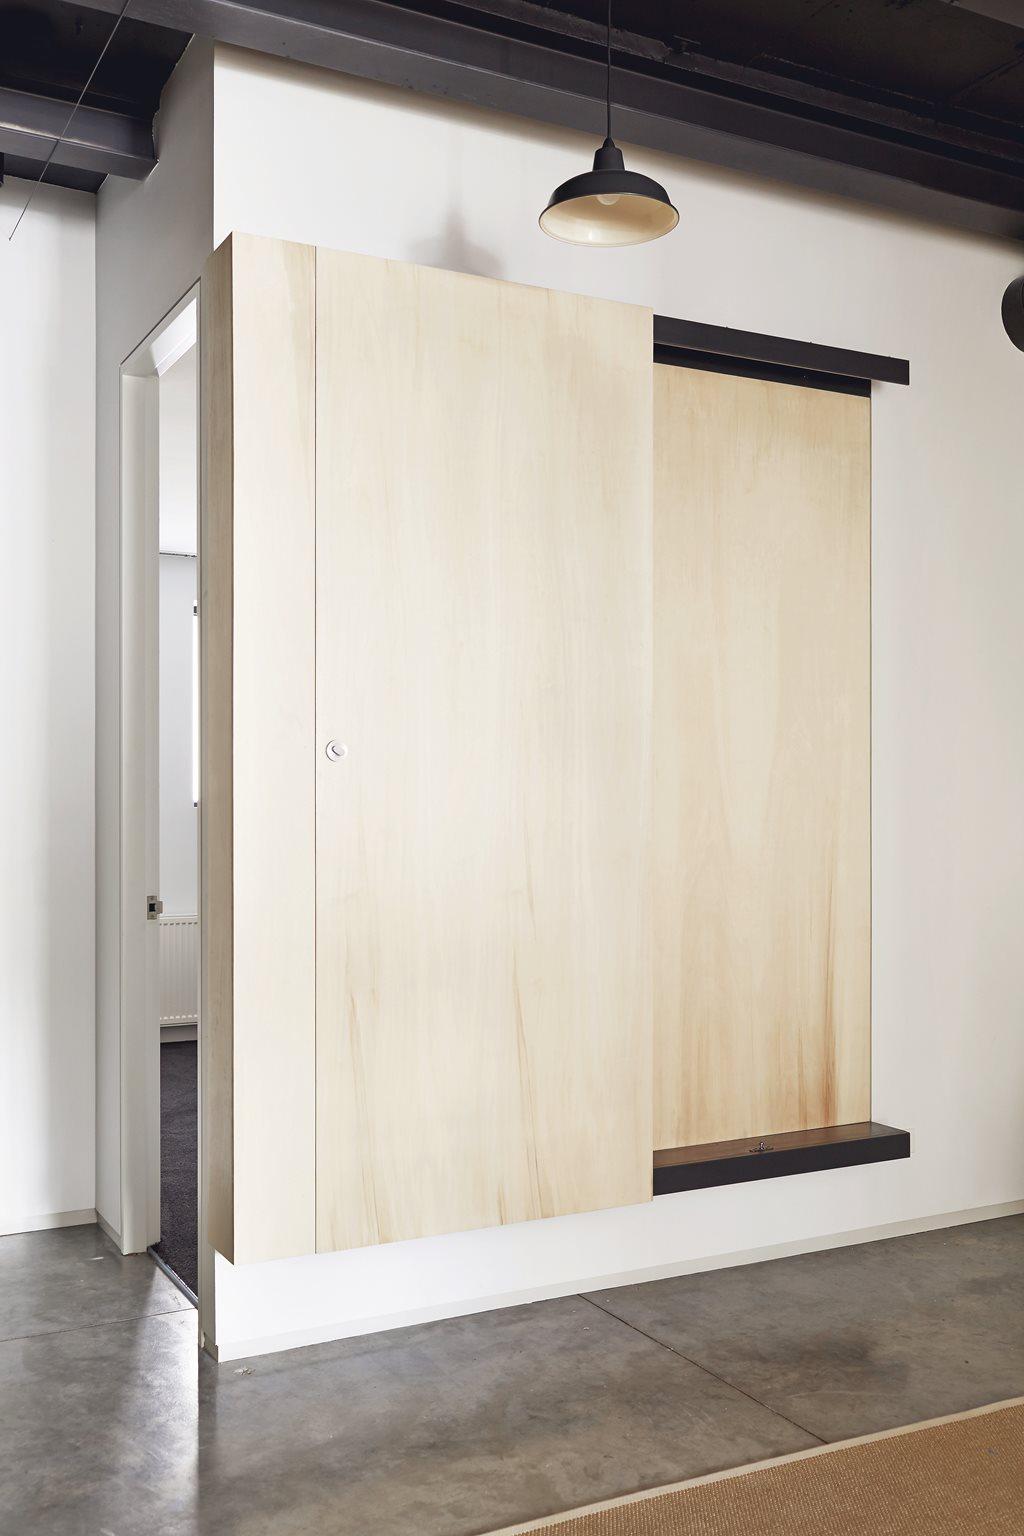 Image Result For Floor Tiles Design For Bedroomsa